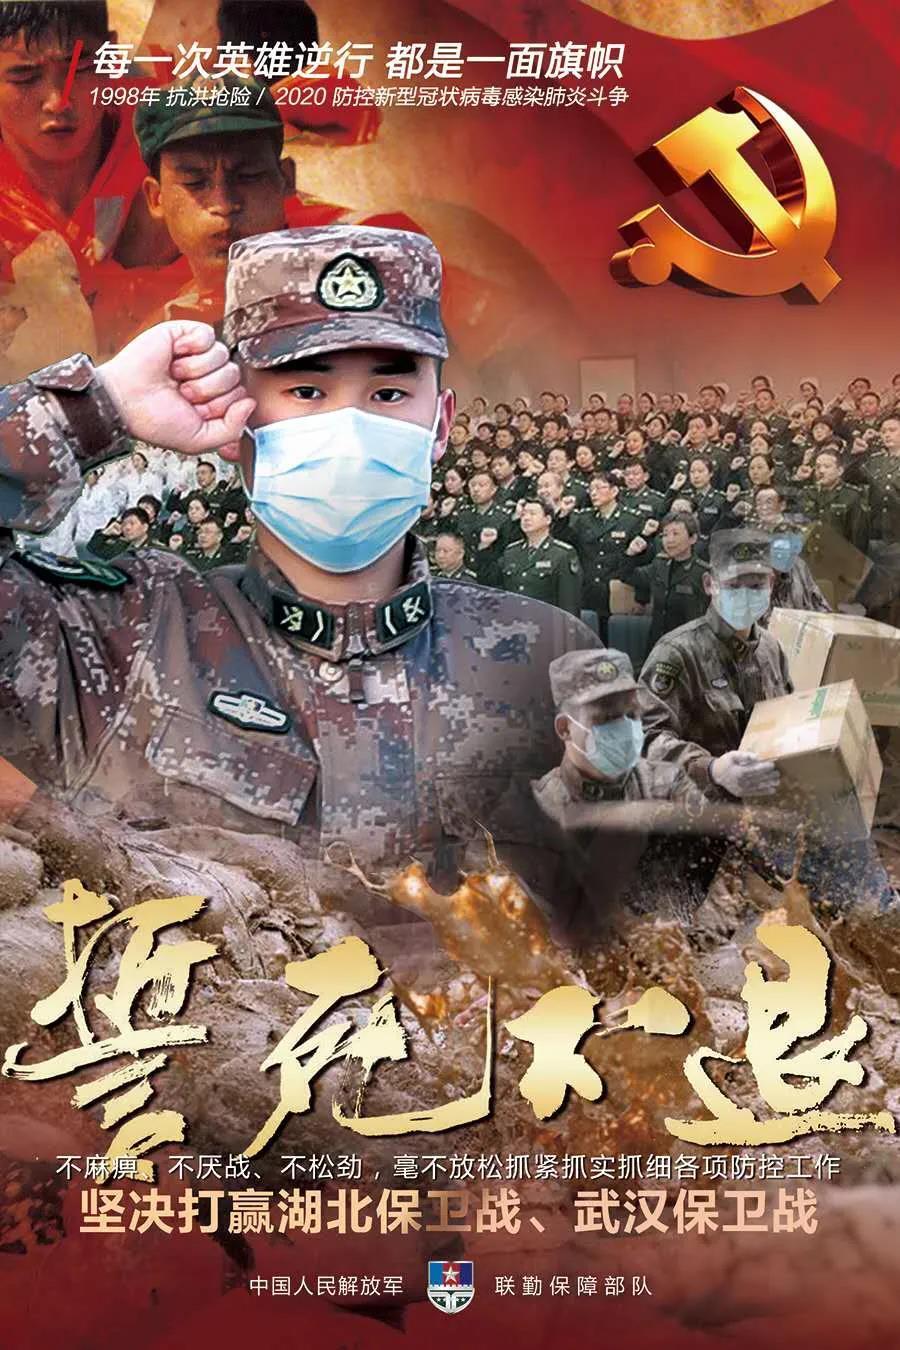 http://www.weixinrensheng.com/junshi/1704620.html